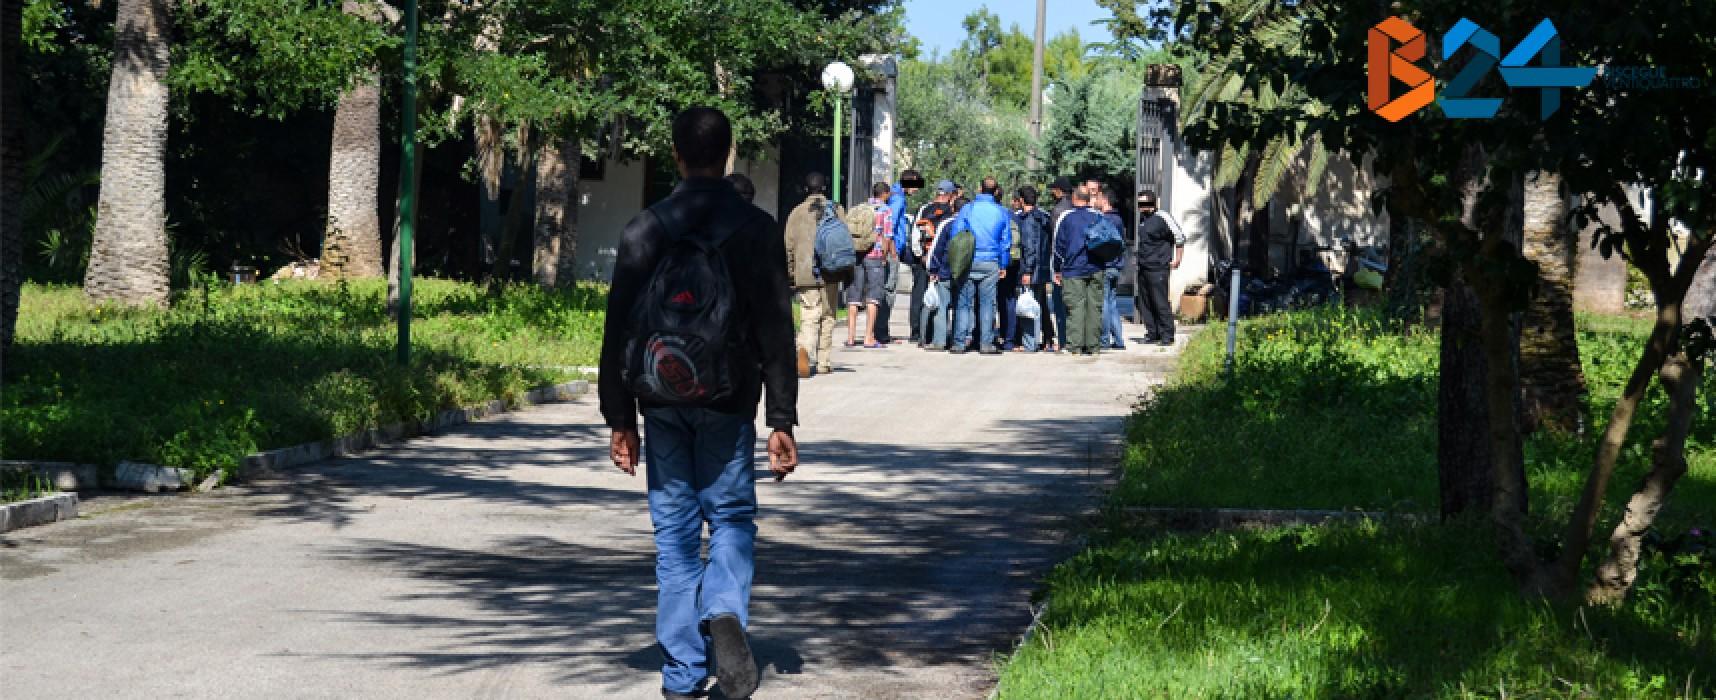 Oasi2 cerca volontari per progetti di Servizio civile nazionale: Migr-Azioni 2.0 a Bisceglie